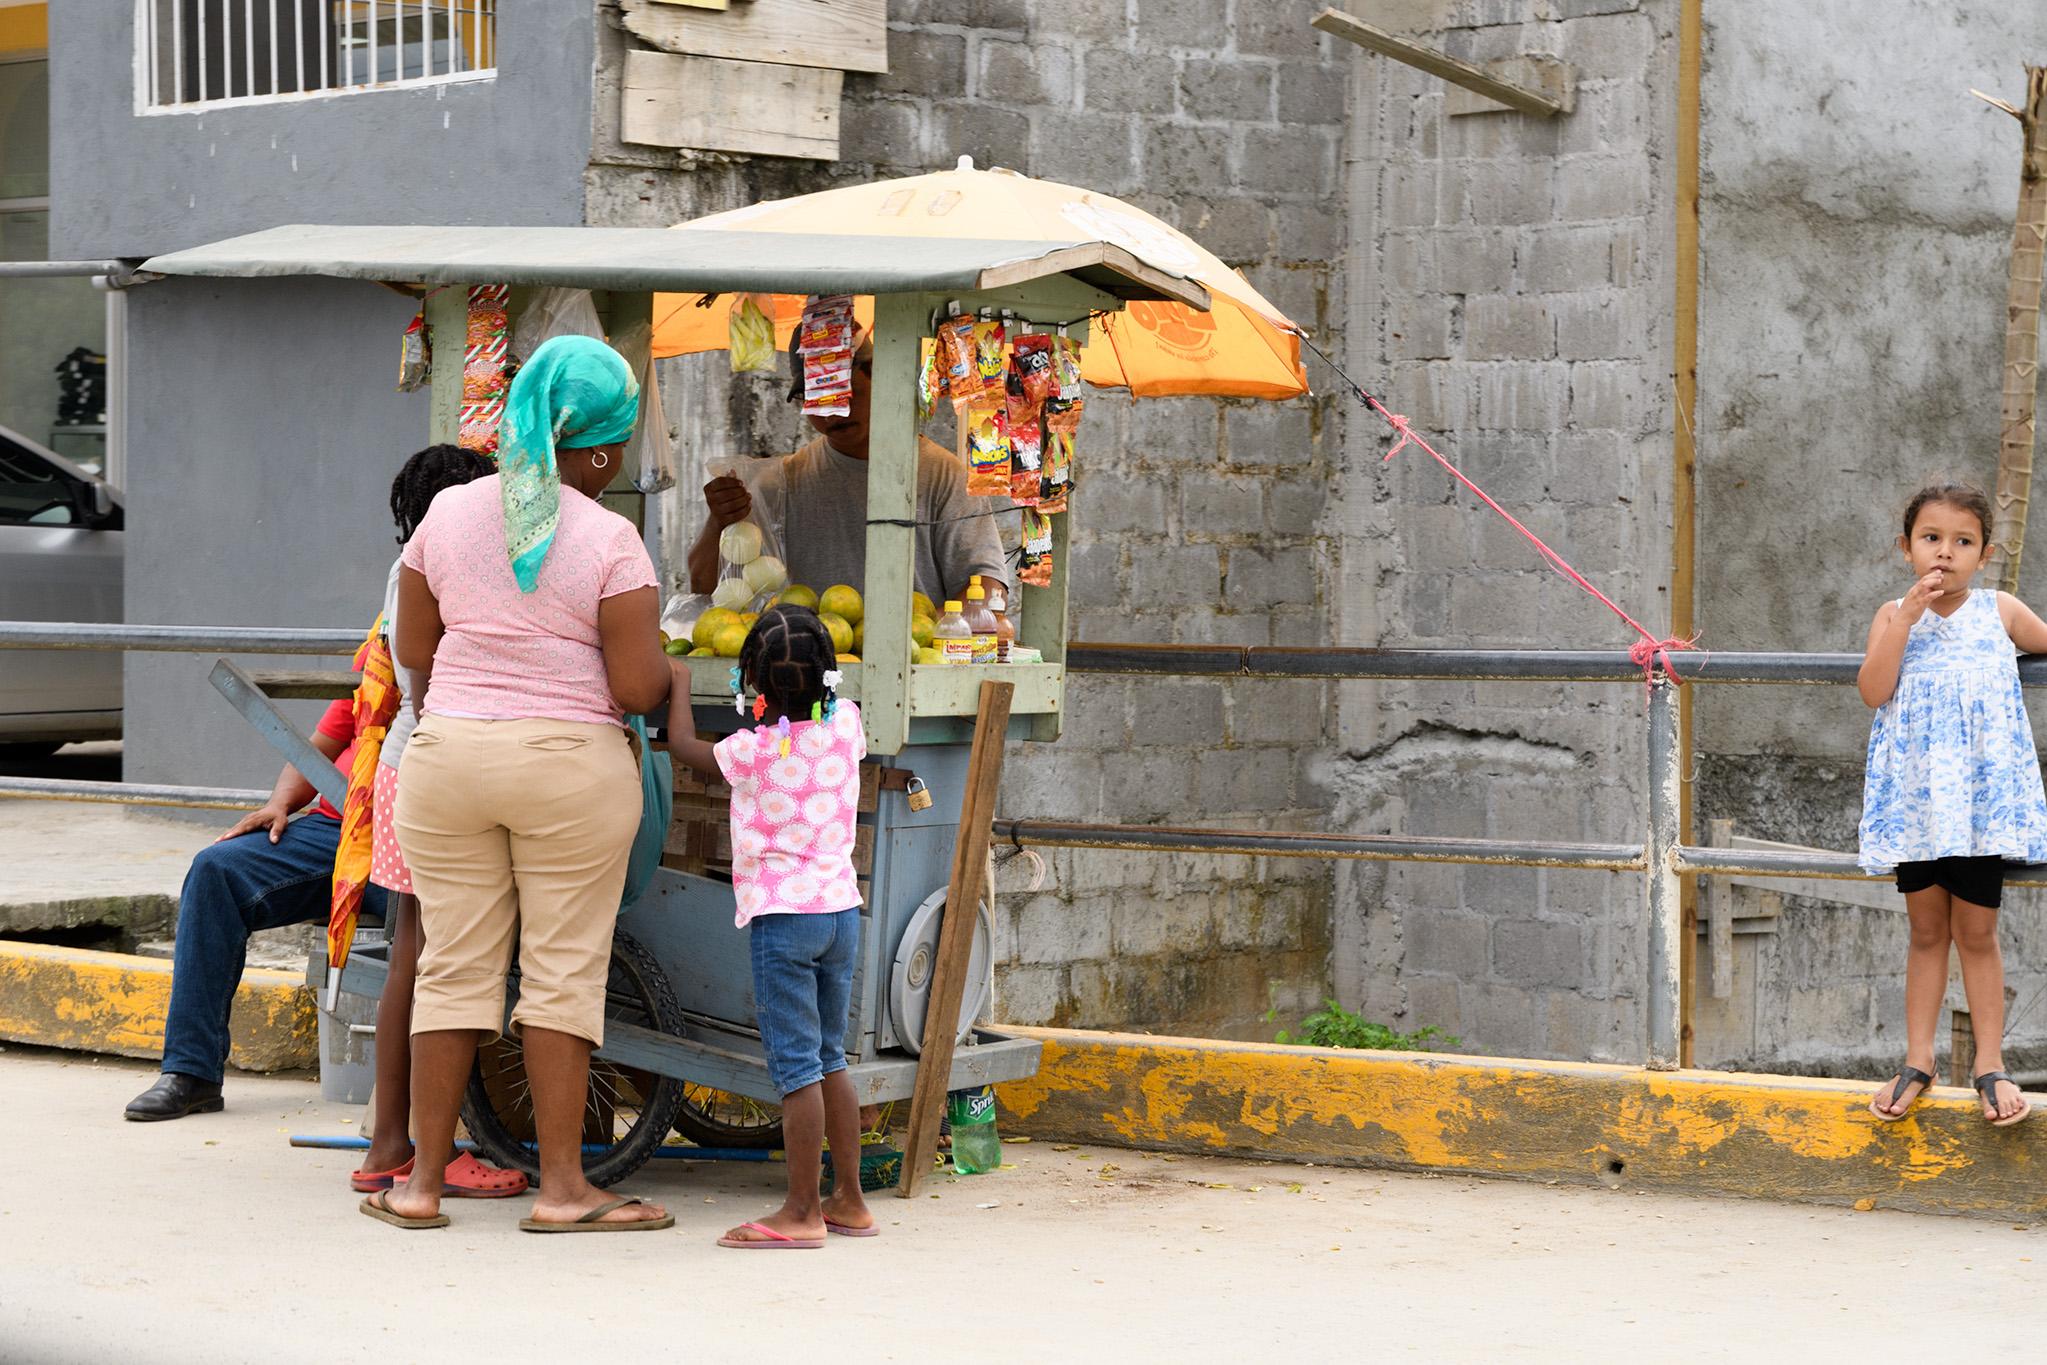 A roadside market